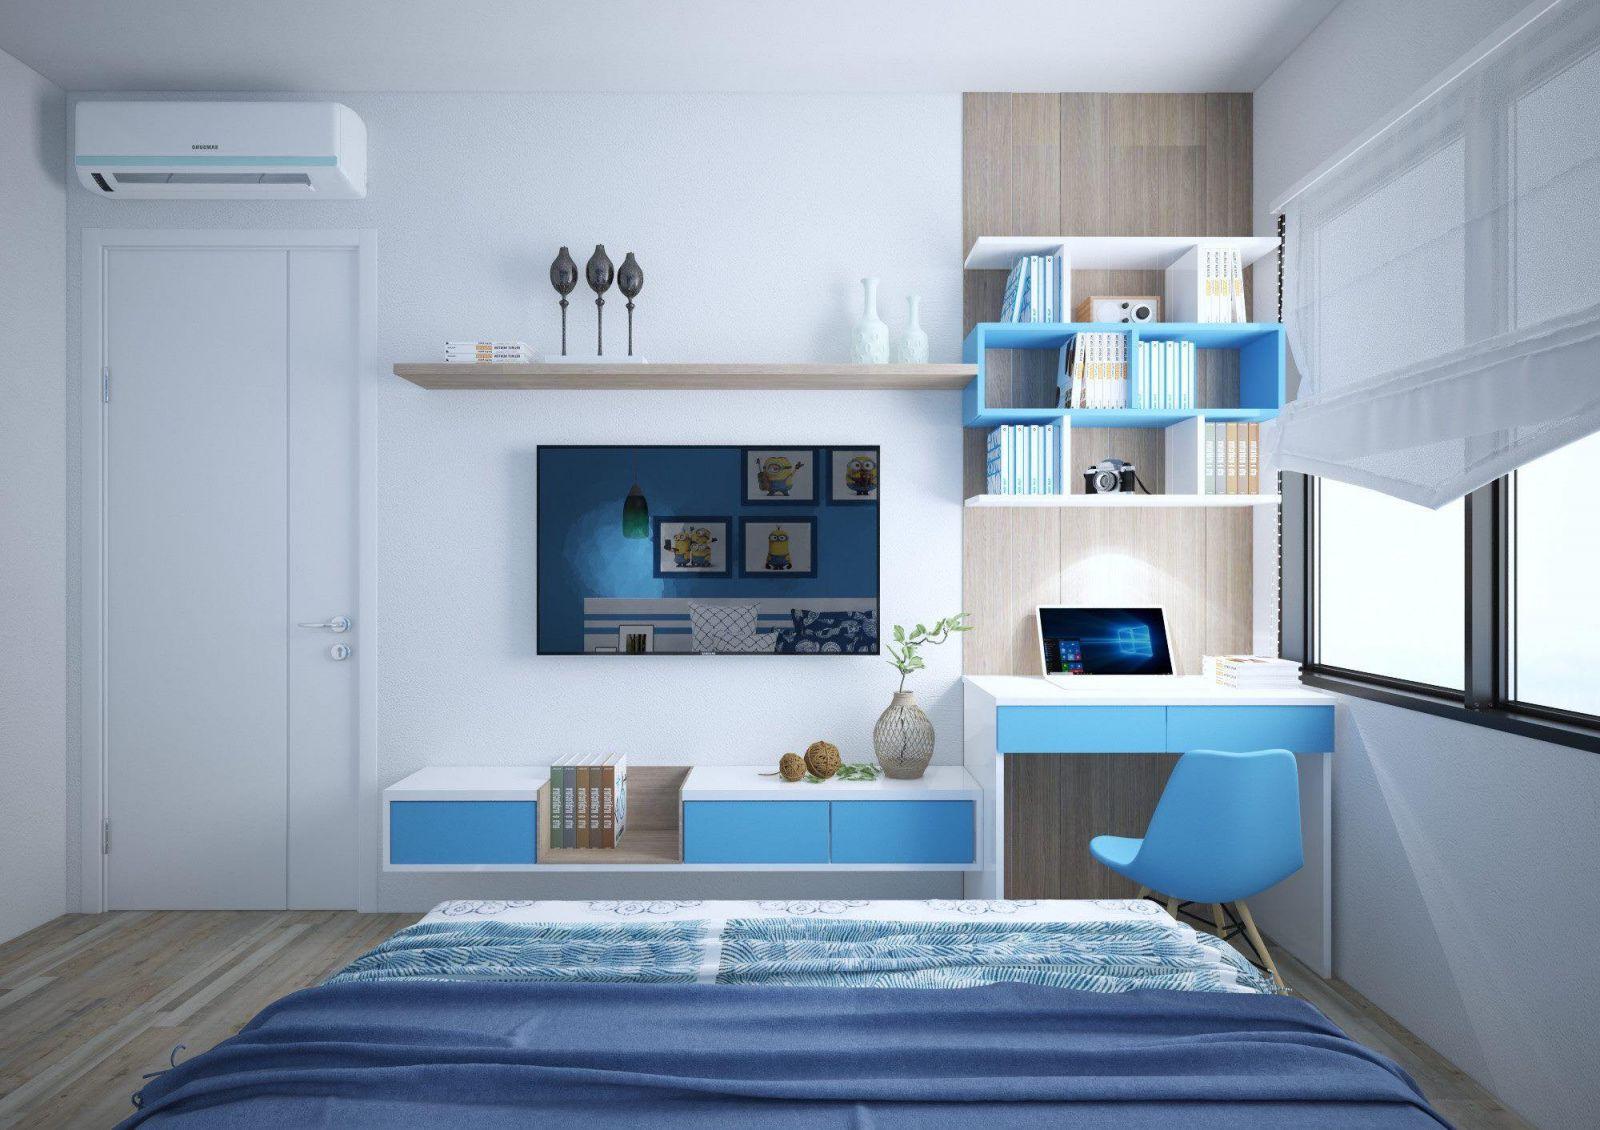 trang trí nội thất phòng ngủ dành cho bé trai